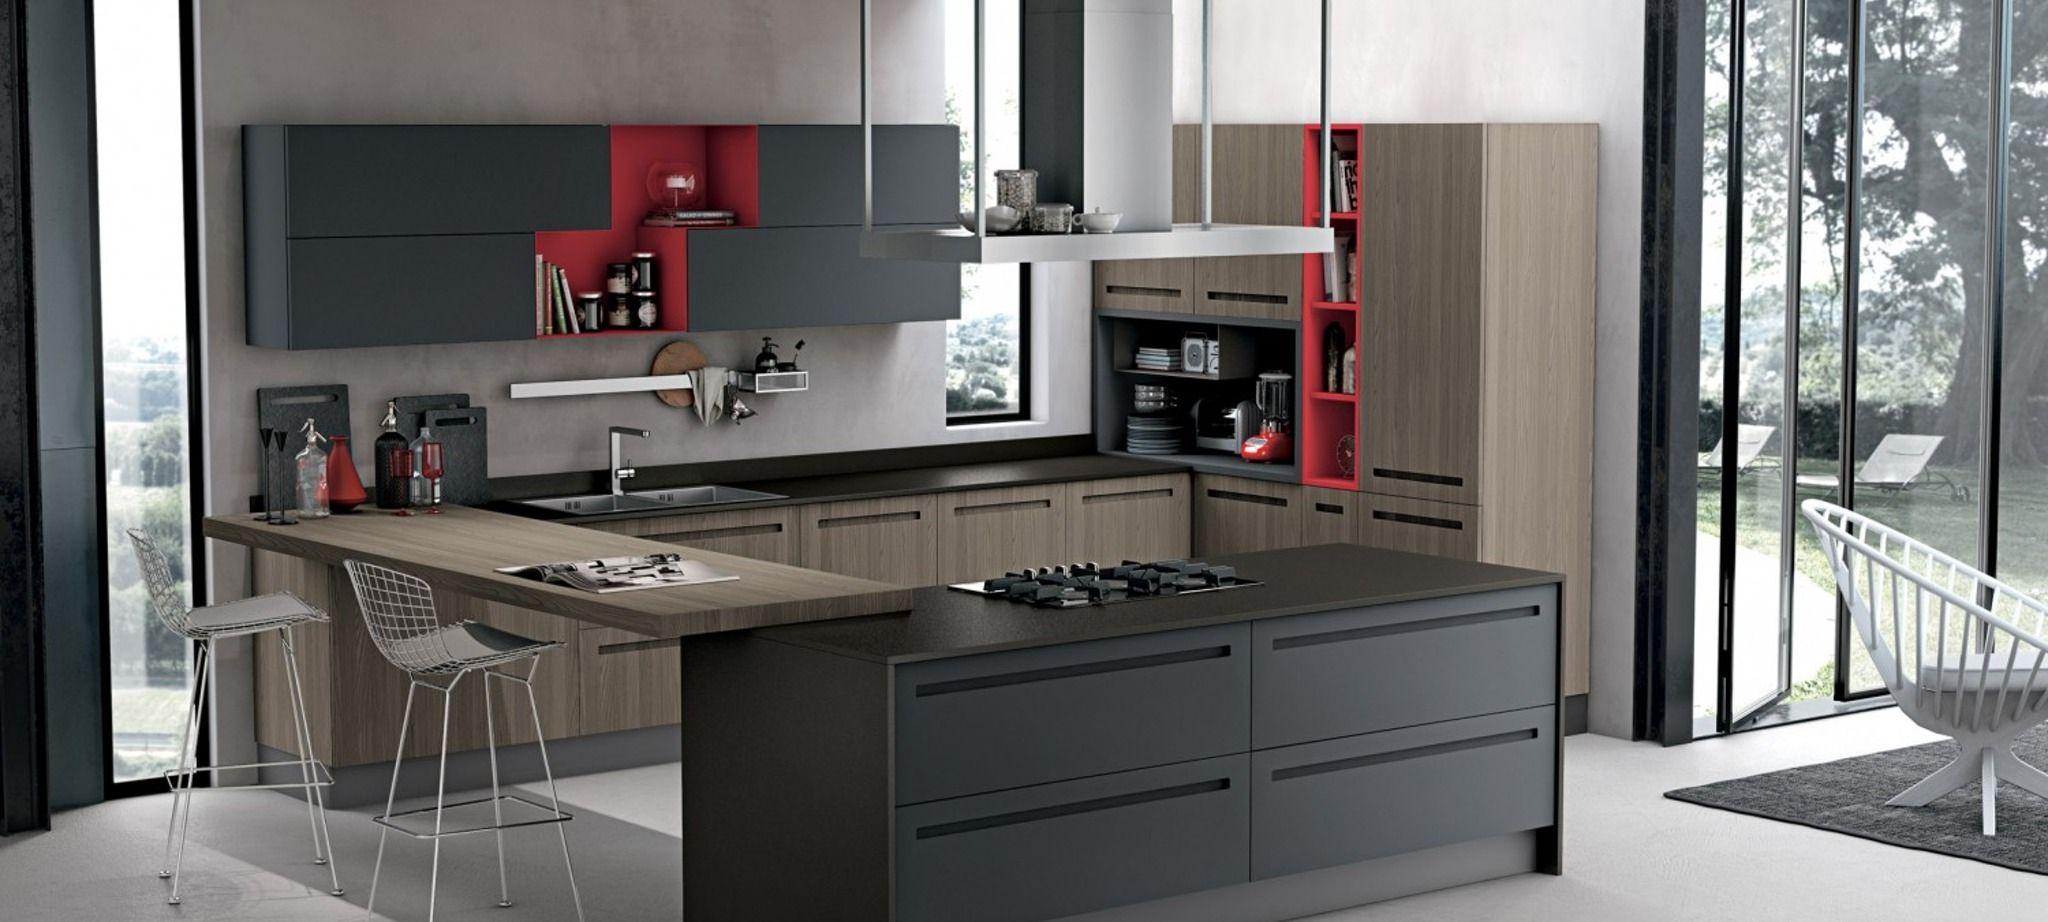 Stosa cucine - Mood | Cocinas | Pinterest | Prezzo